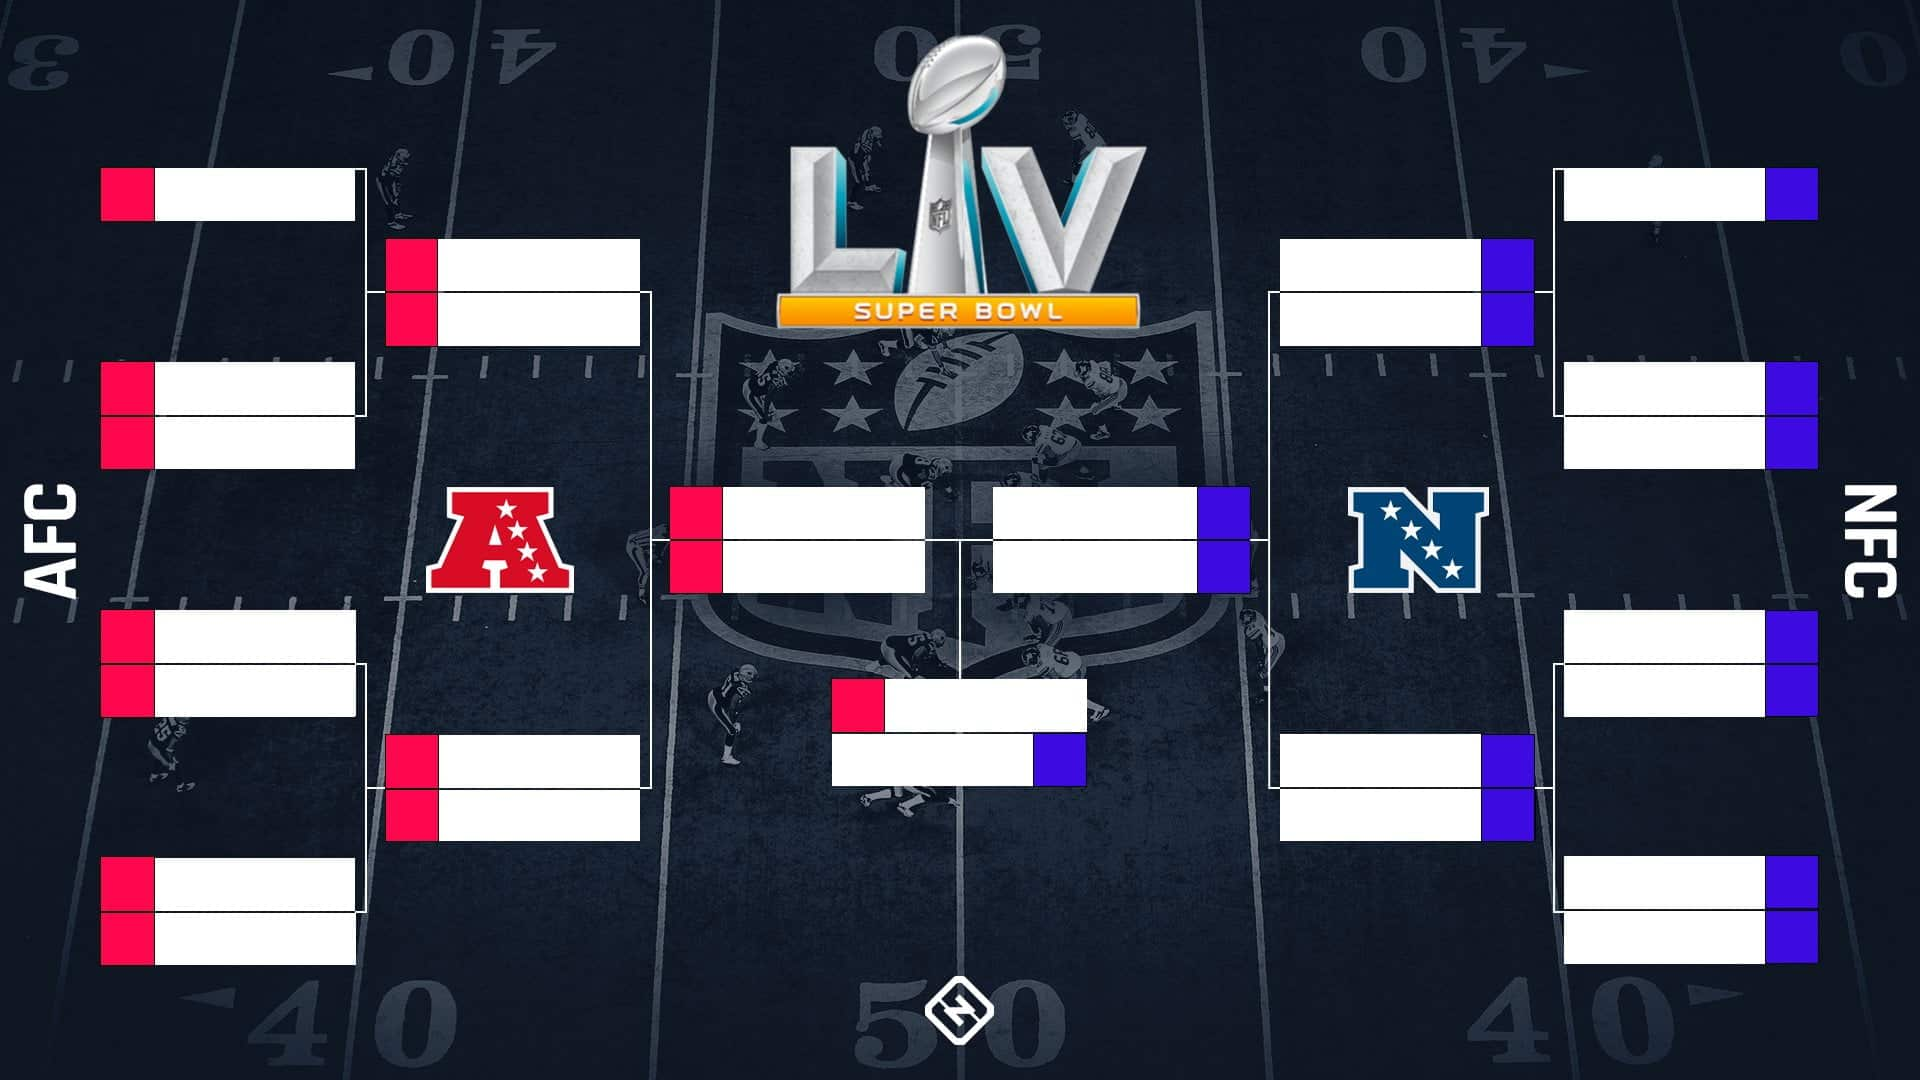 Imagen de los playoffs de la NFL clasificacion actualizada de